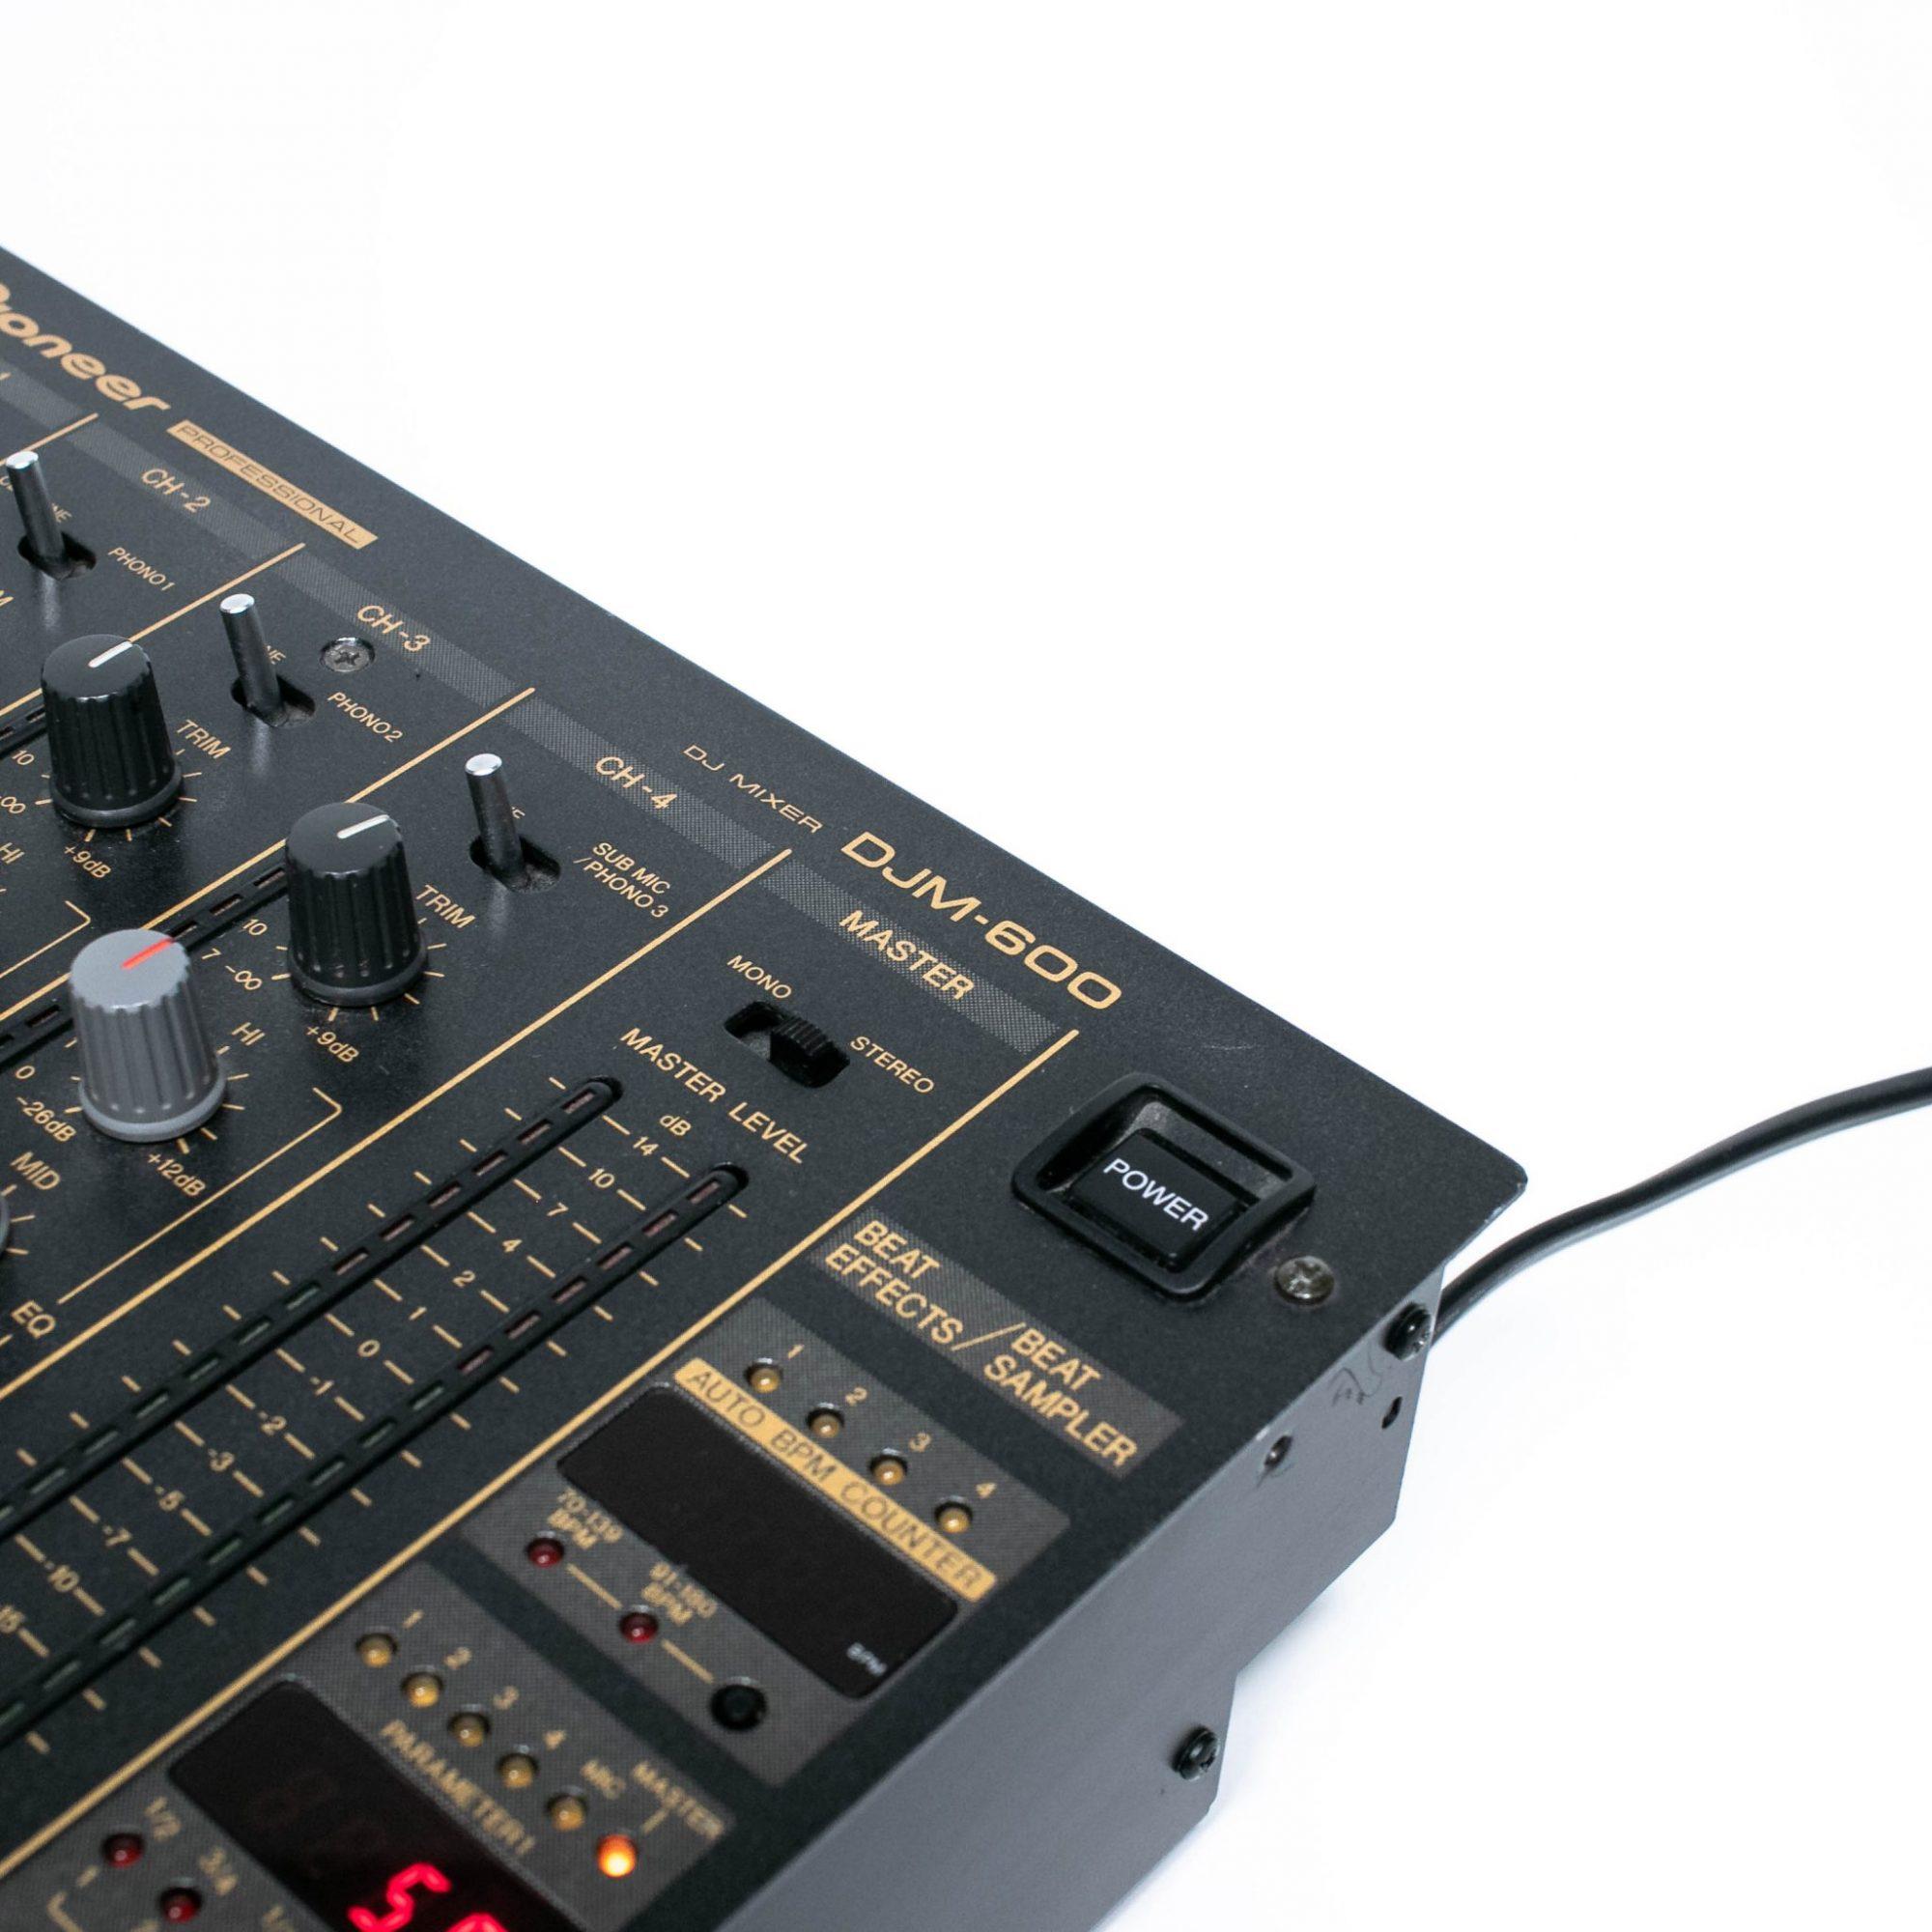 gebraucht kaufen Pioneer DJM 600